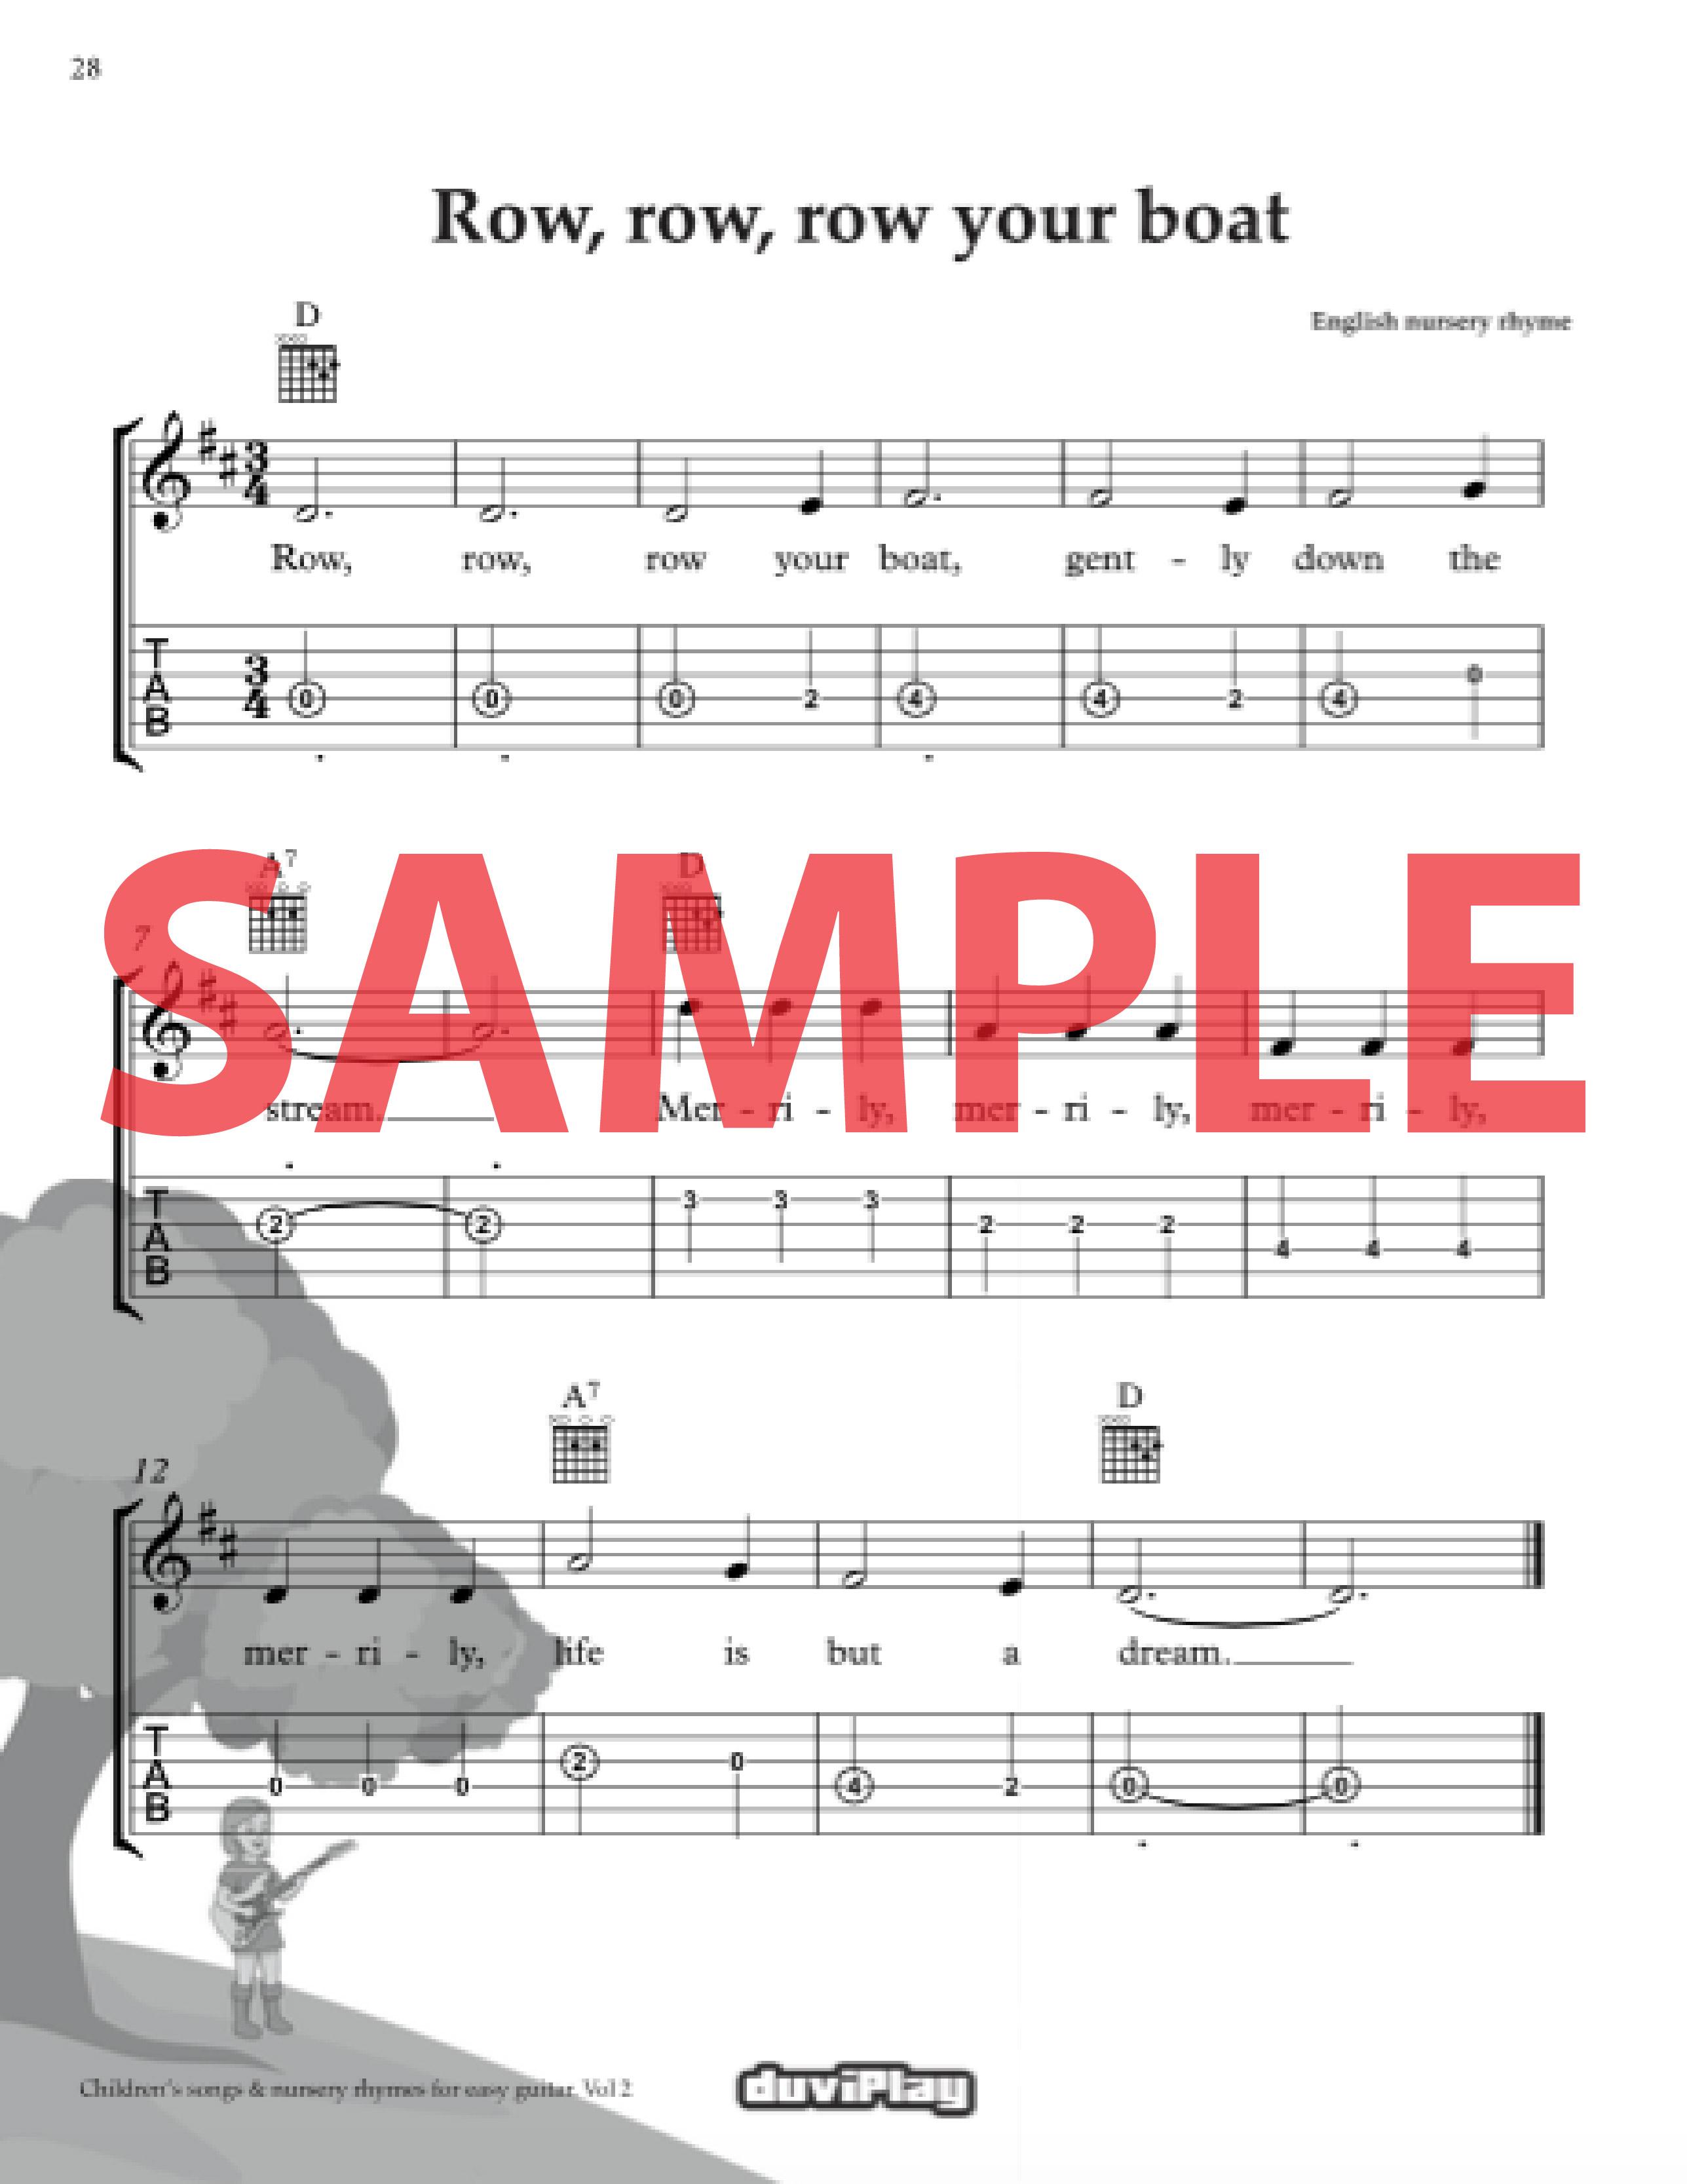 Children S Songs Nursery Rhymes For Easy Guitar Vol 2 Duviplay